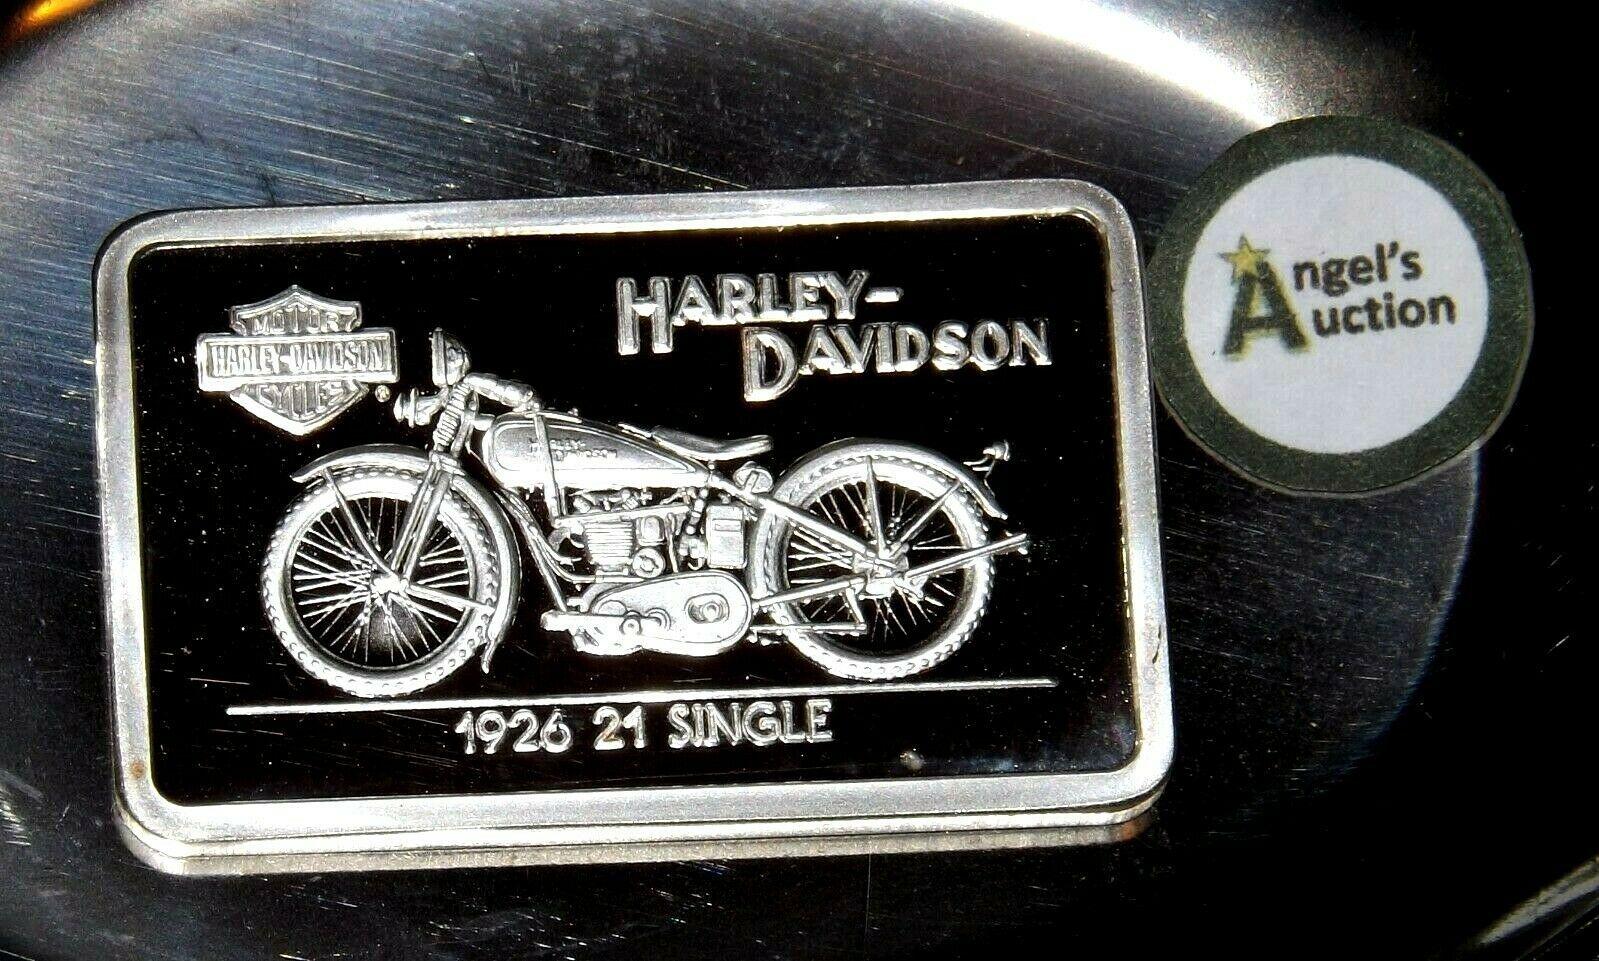 1926 21 Single Harley Davidson 1.38 oz .999 Silver Bar AA19-CND6028